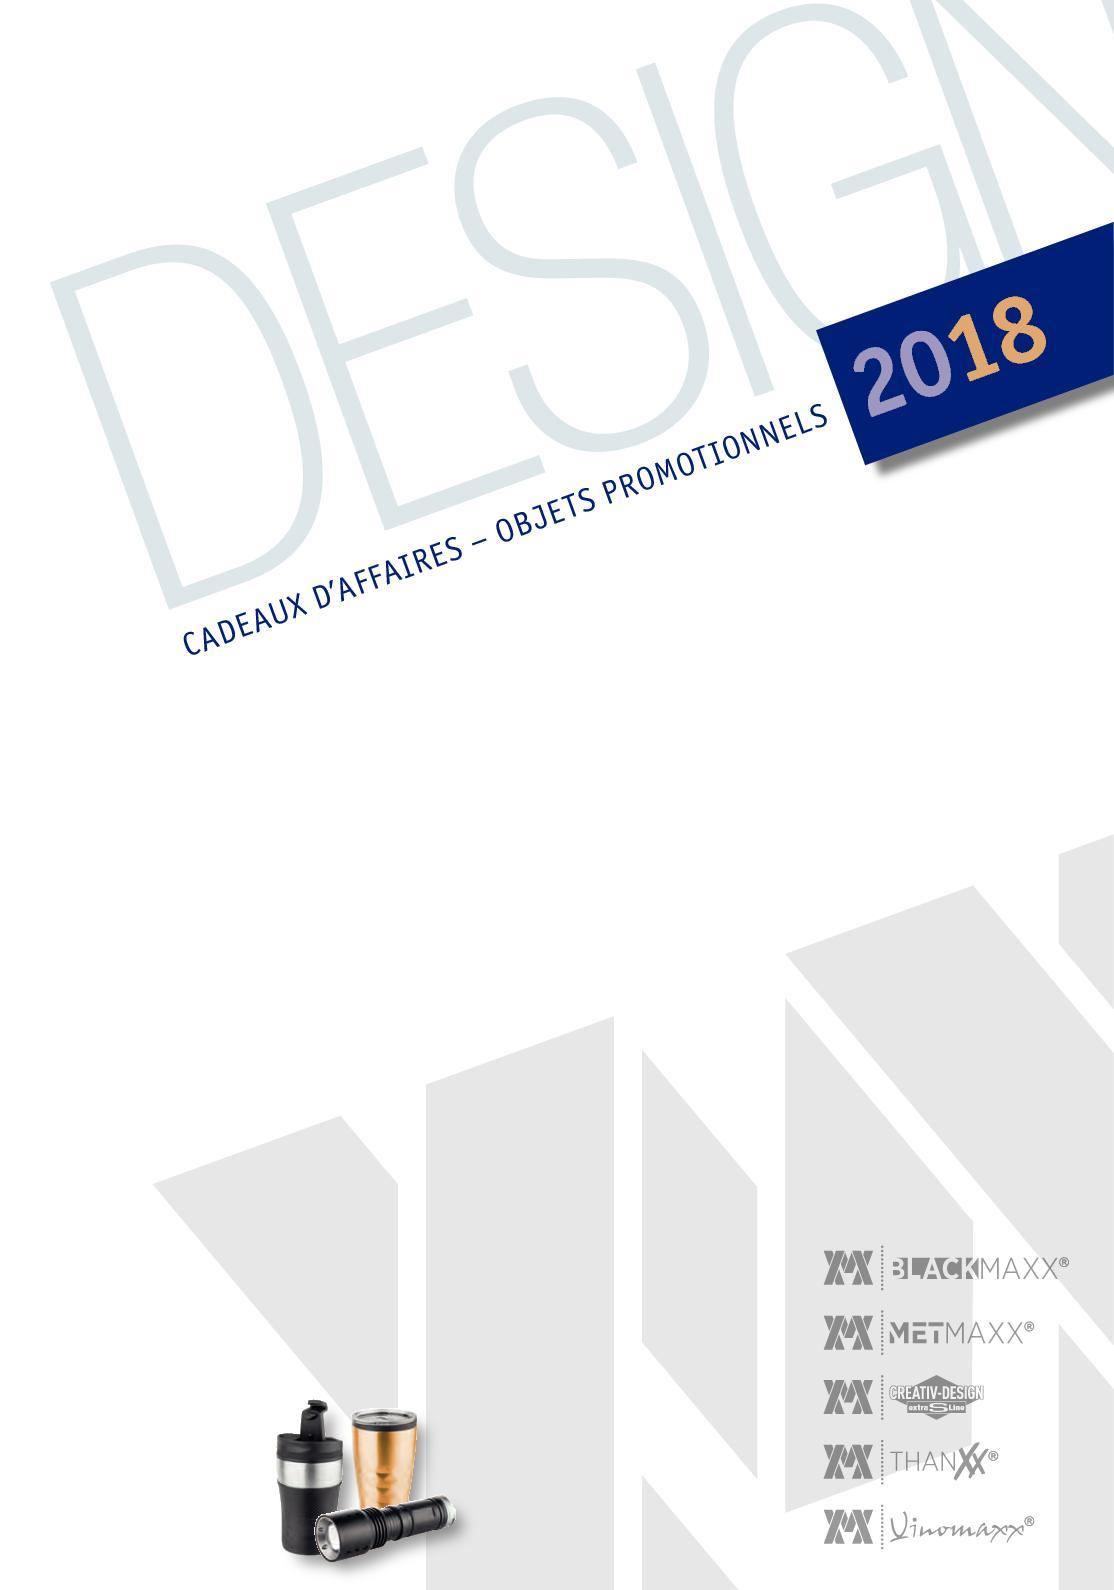 Calaméo - Catalogue Spranz 2018 pour Coloriage Thomas Le Petit Train